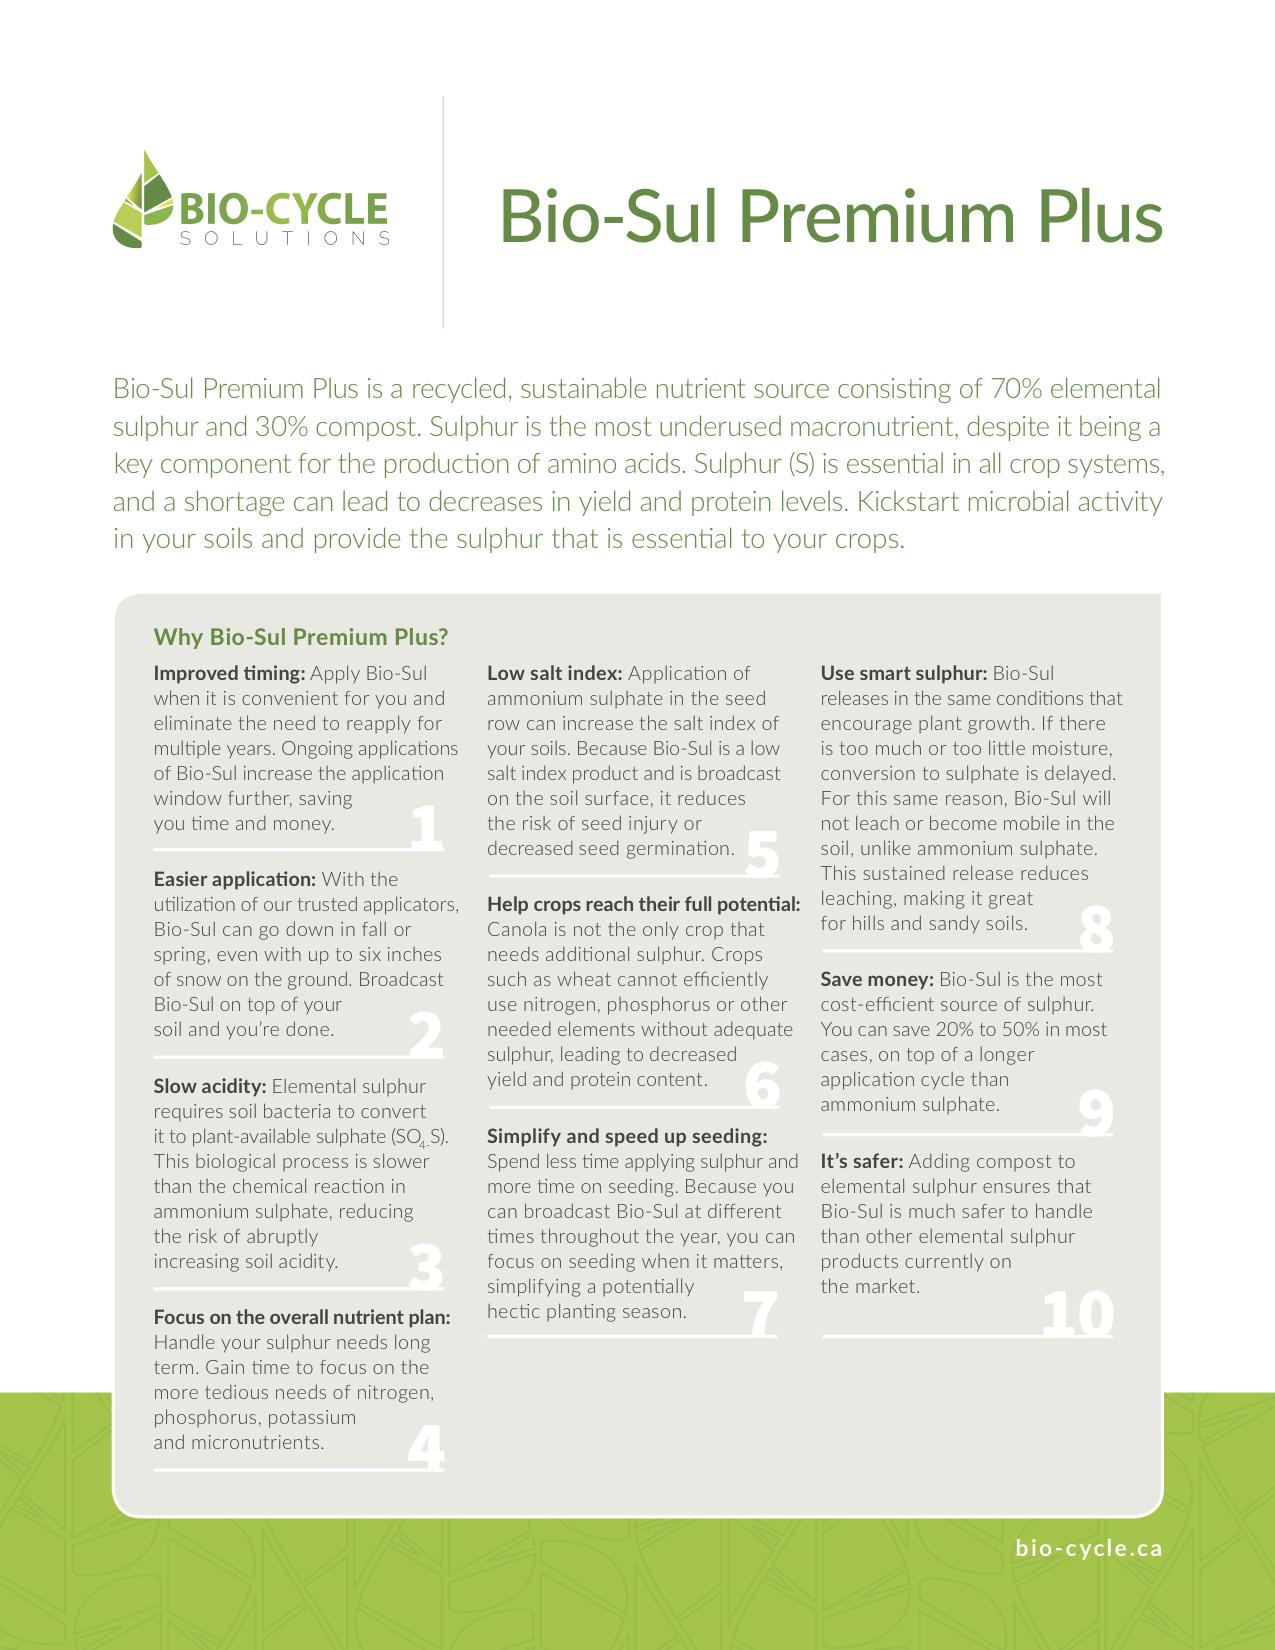 10-Reasons-to-use-Bio-Sul-Premium-Plus